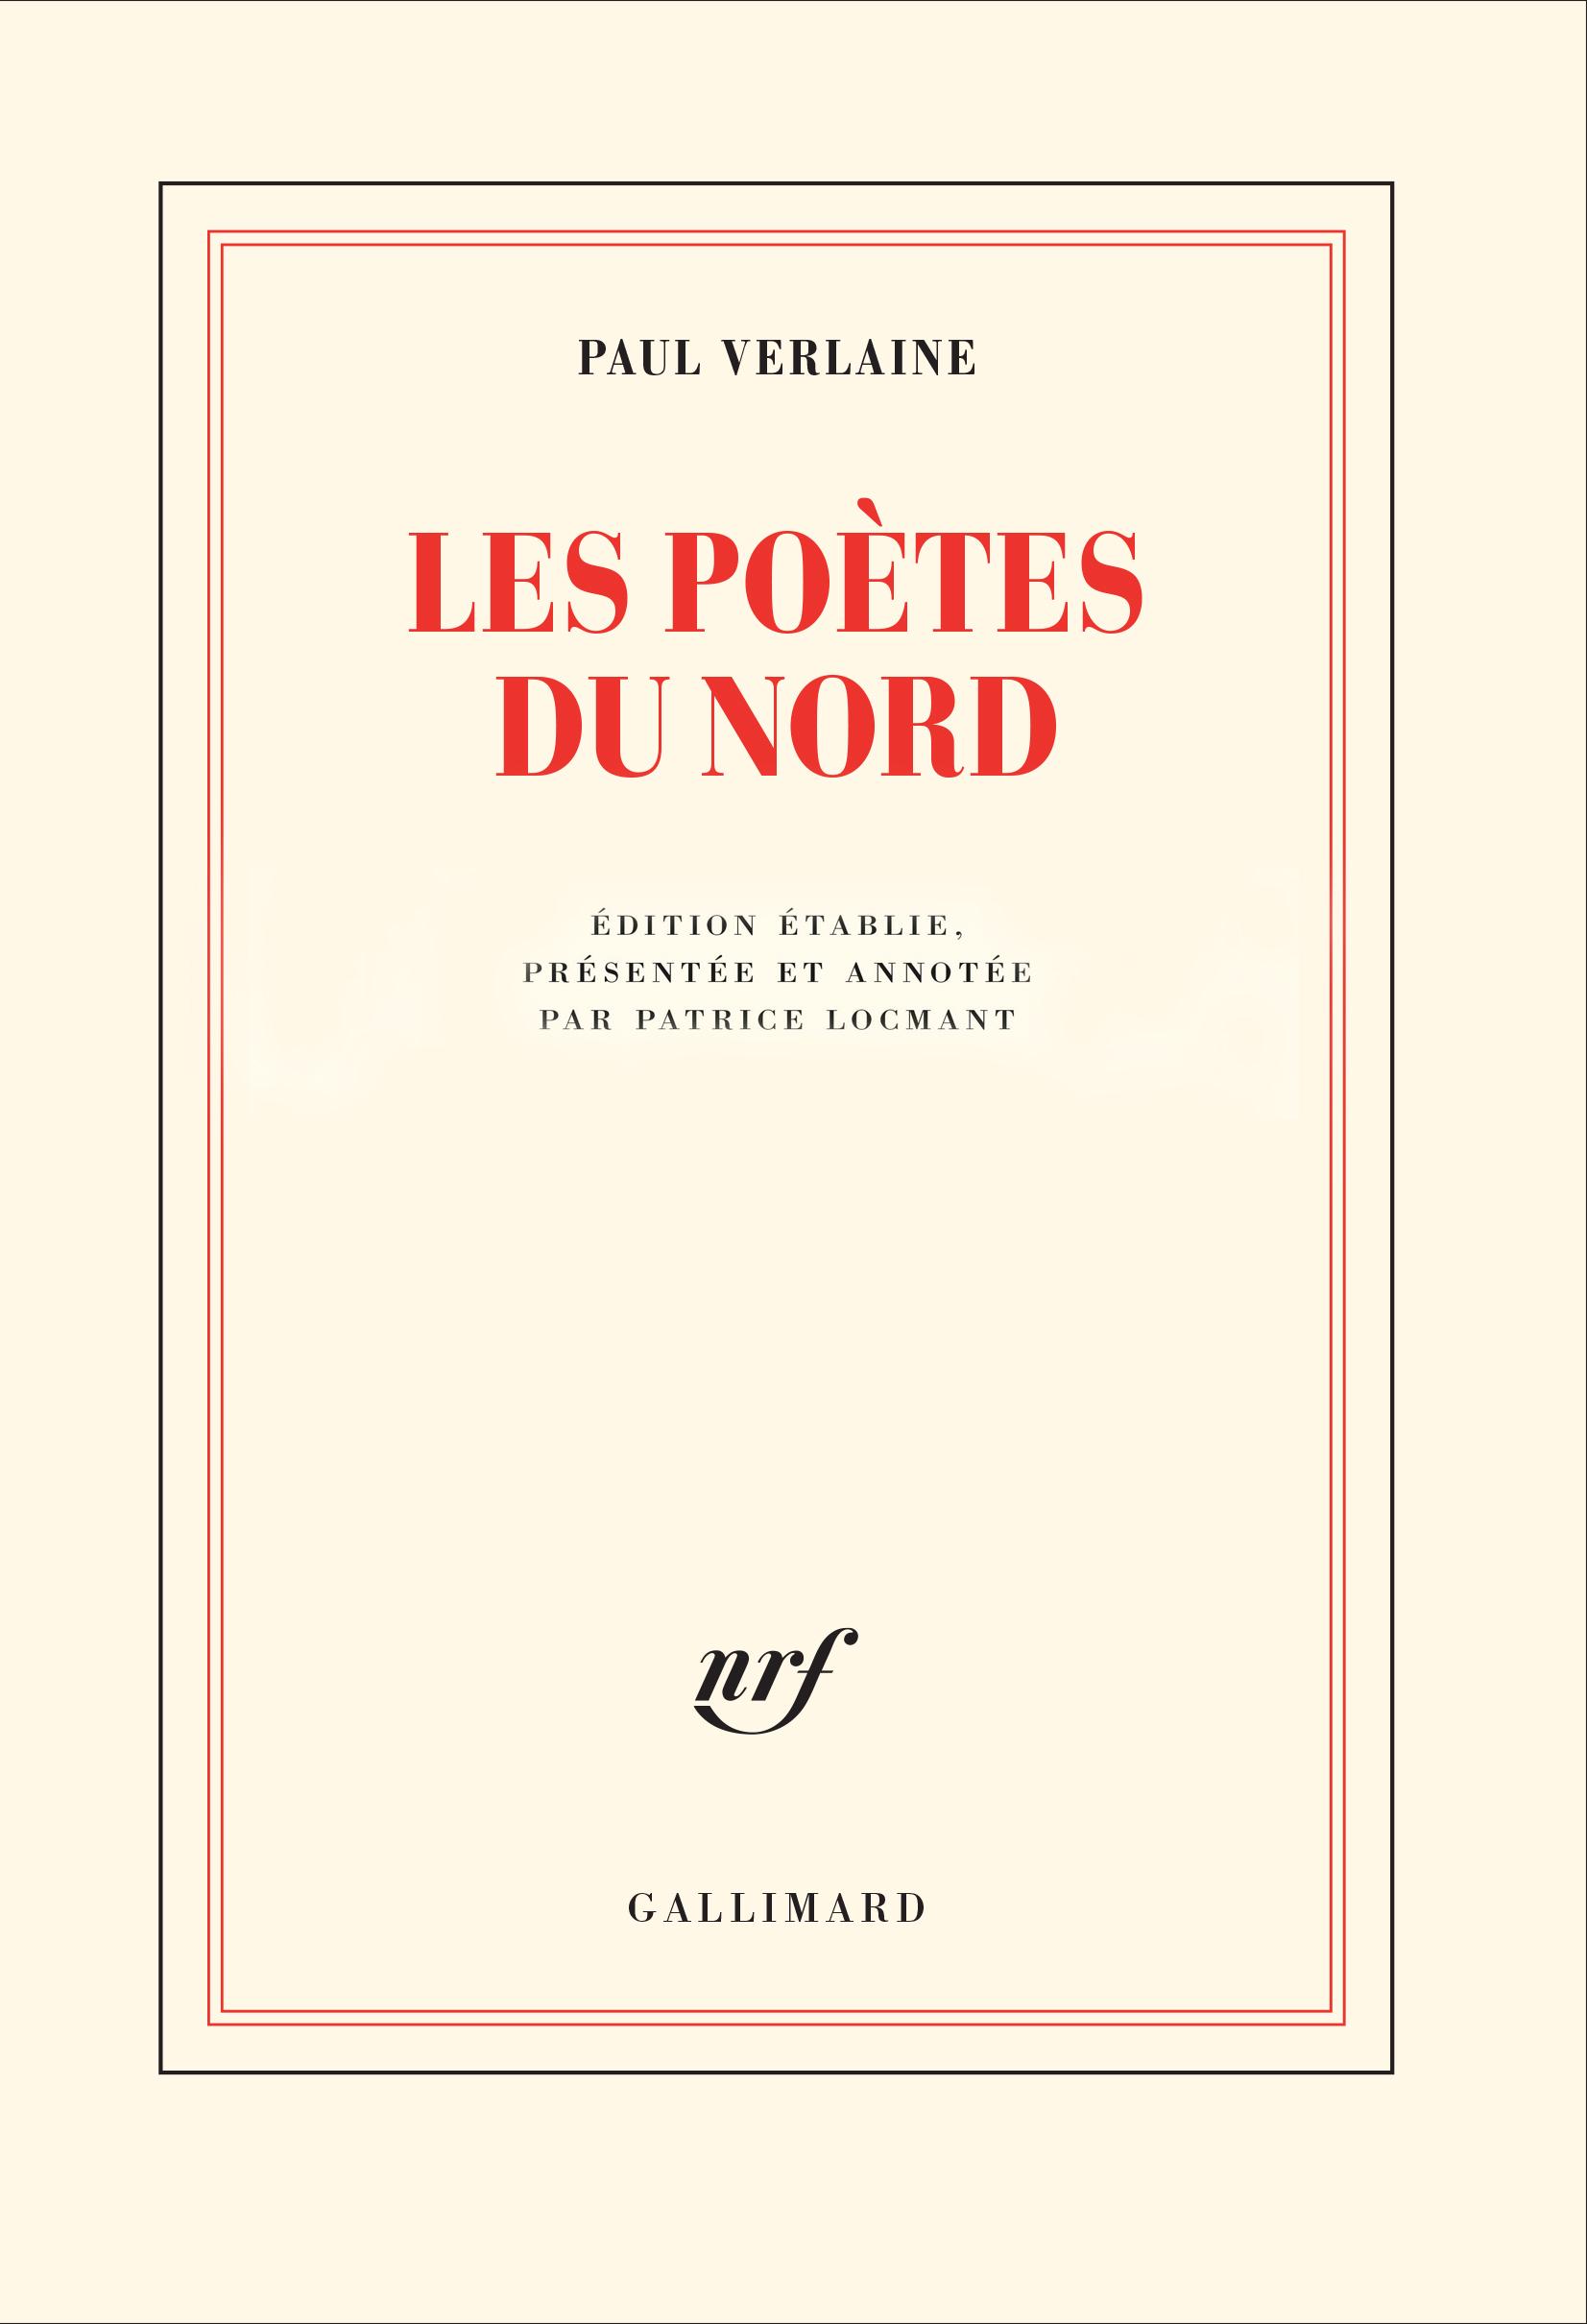 P. Verlaine, Les poètes du Nord